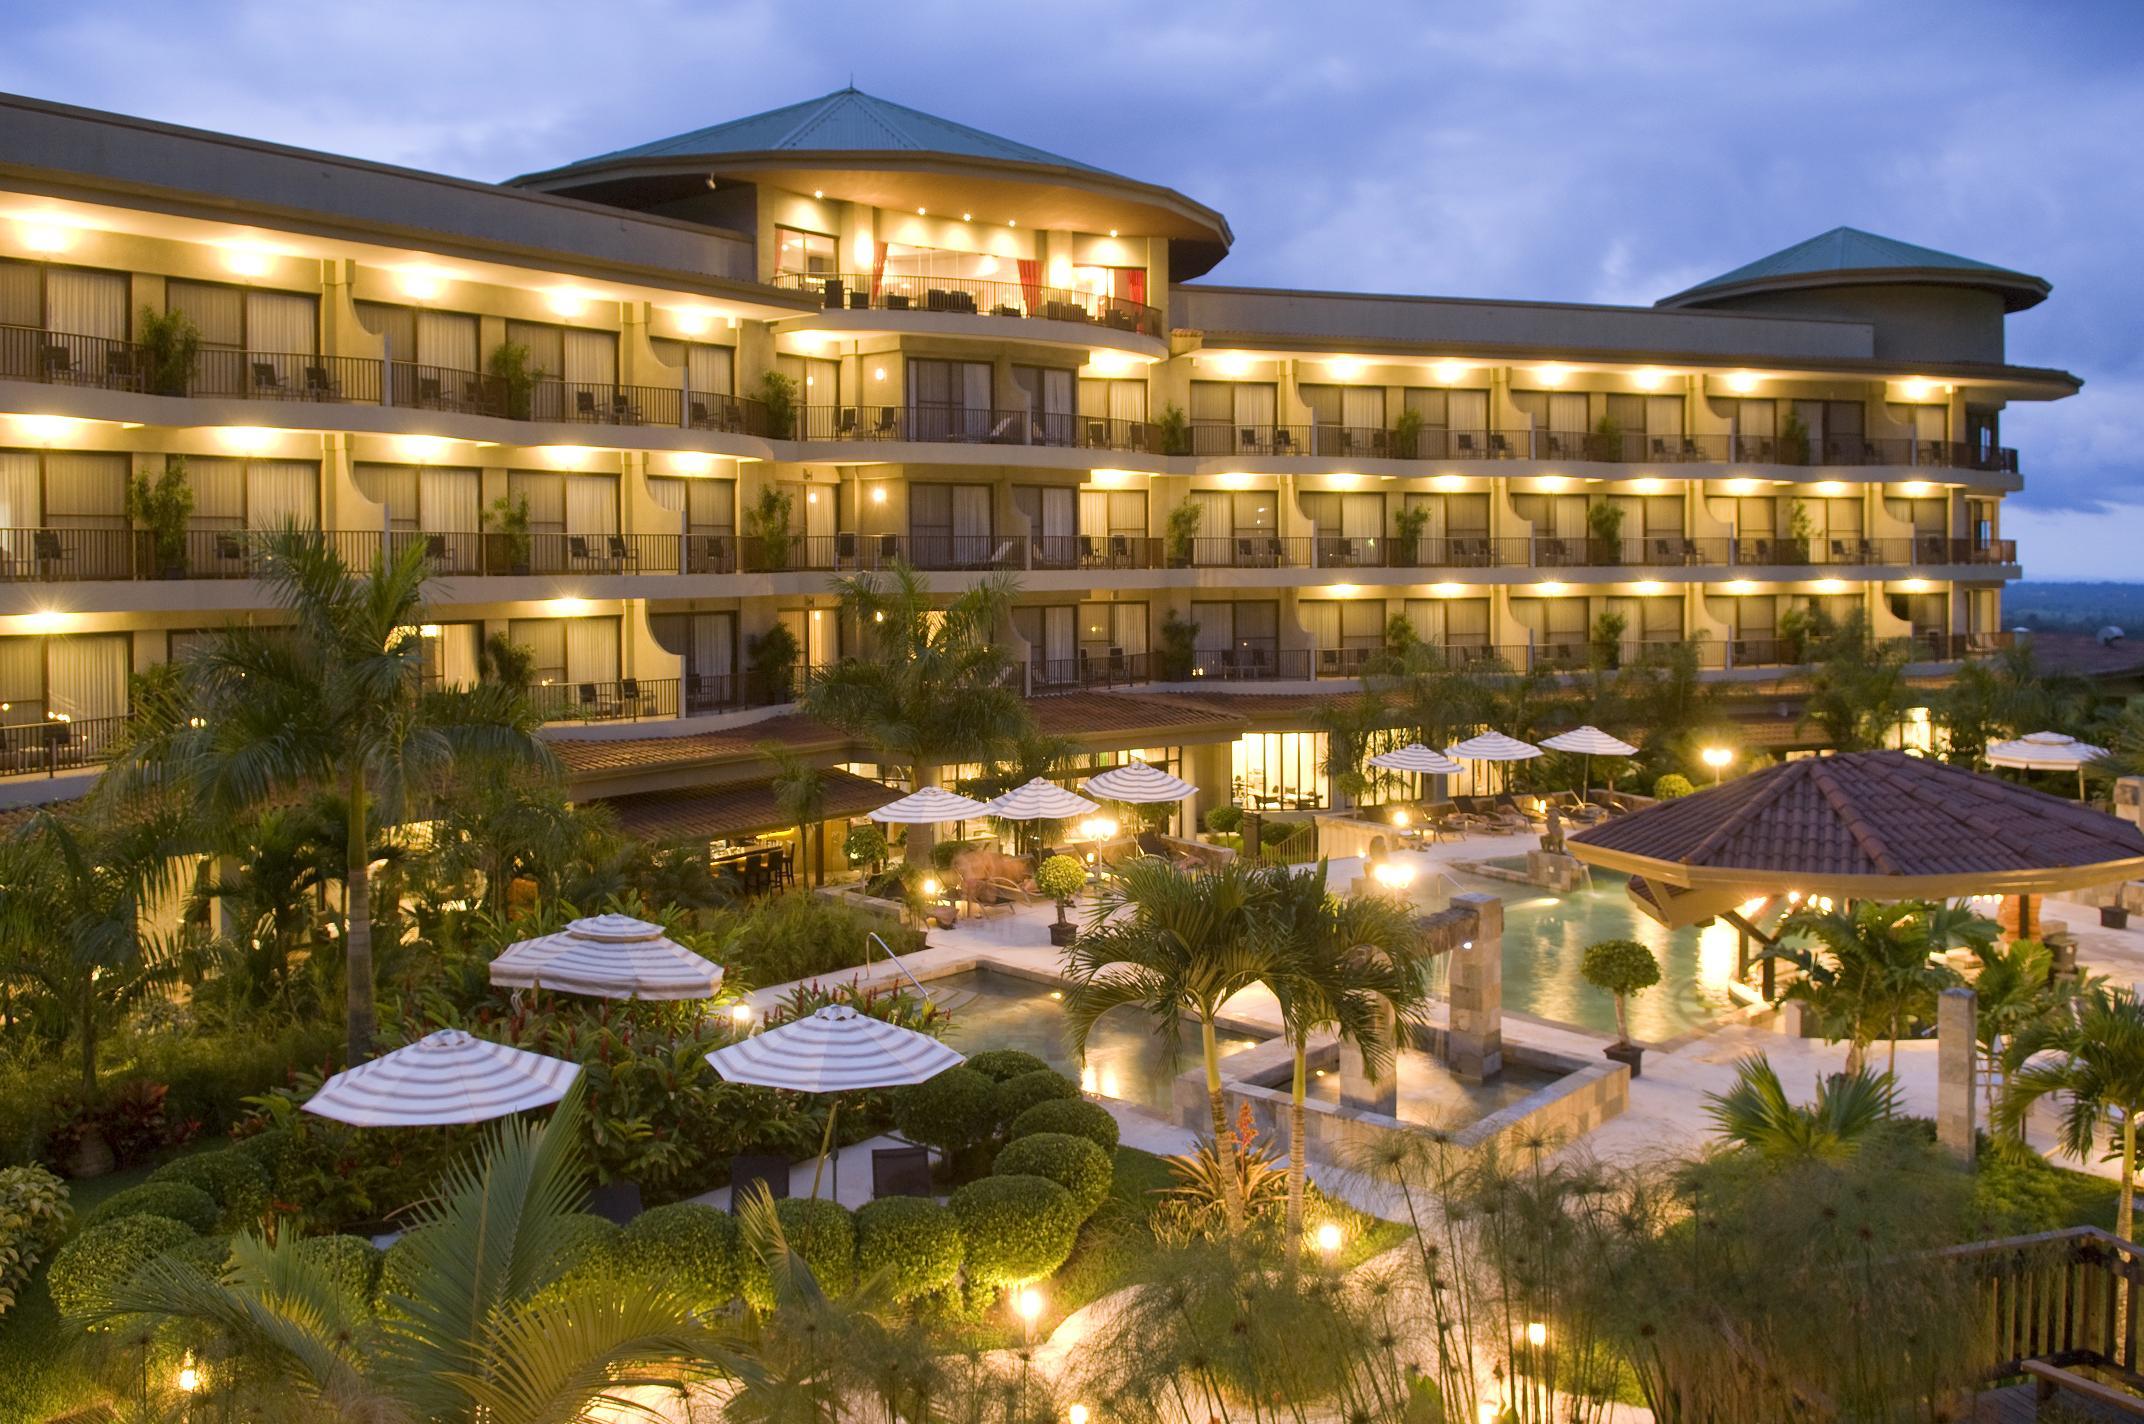 El precio medio de los hoteles espa oles cae un 5 for Hoteles para 5 personas